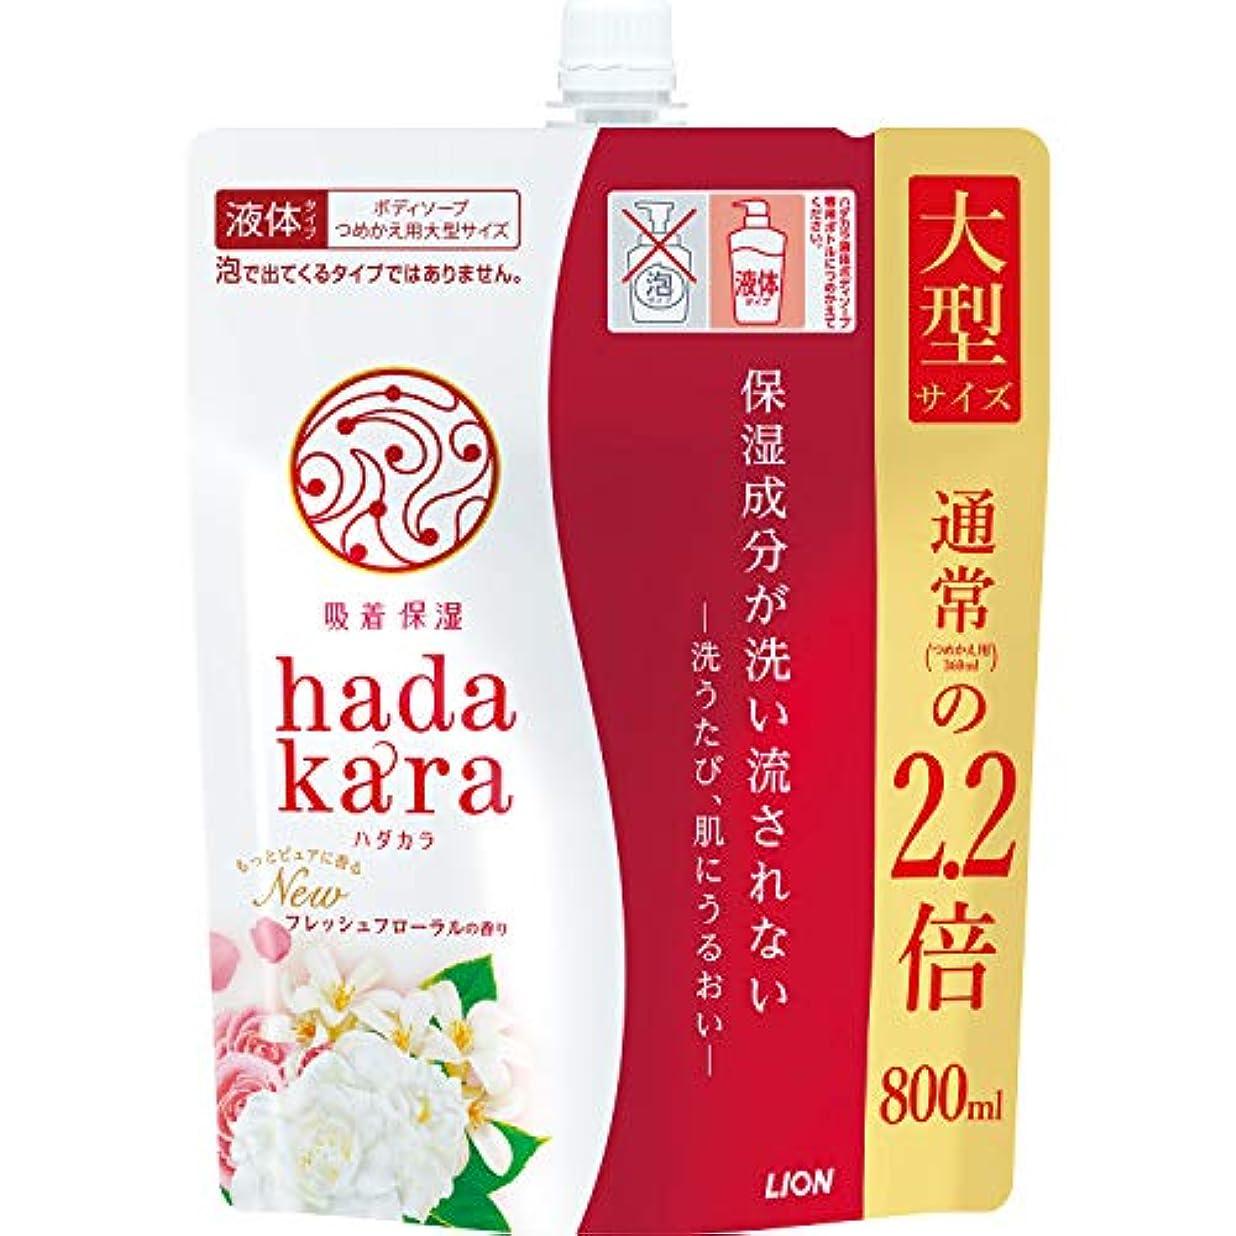 旅行者同情的ポータルhadakara(ハダカラ) ボディソープ フレッシュフローラルの香り つめかえ用大型サイズ 800ml